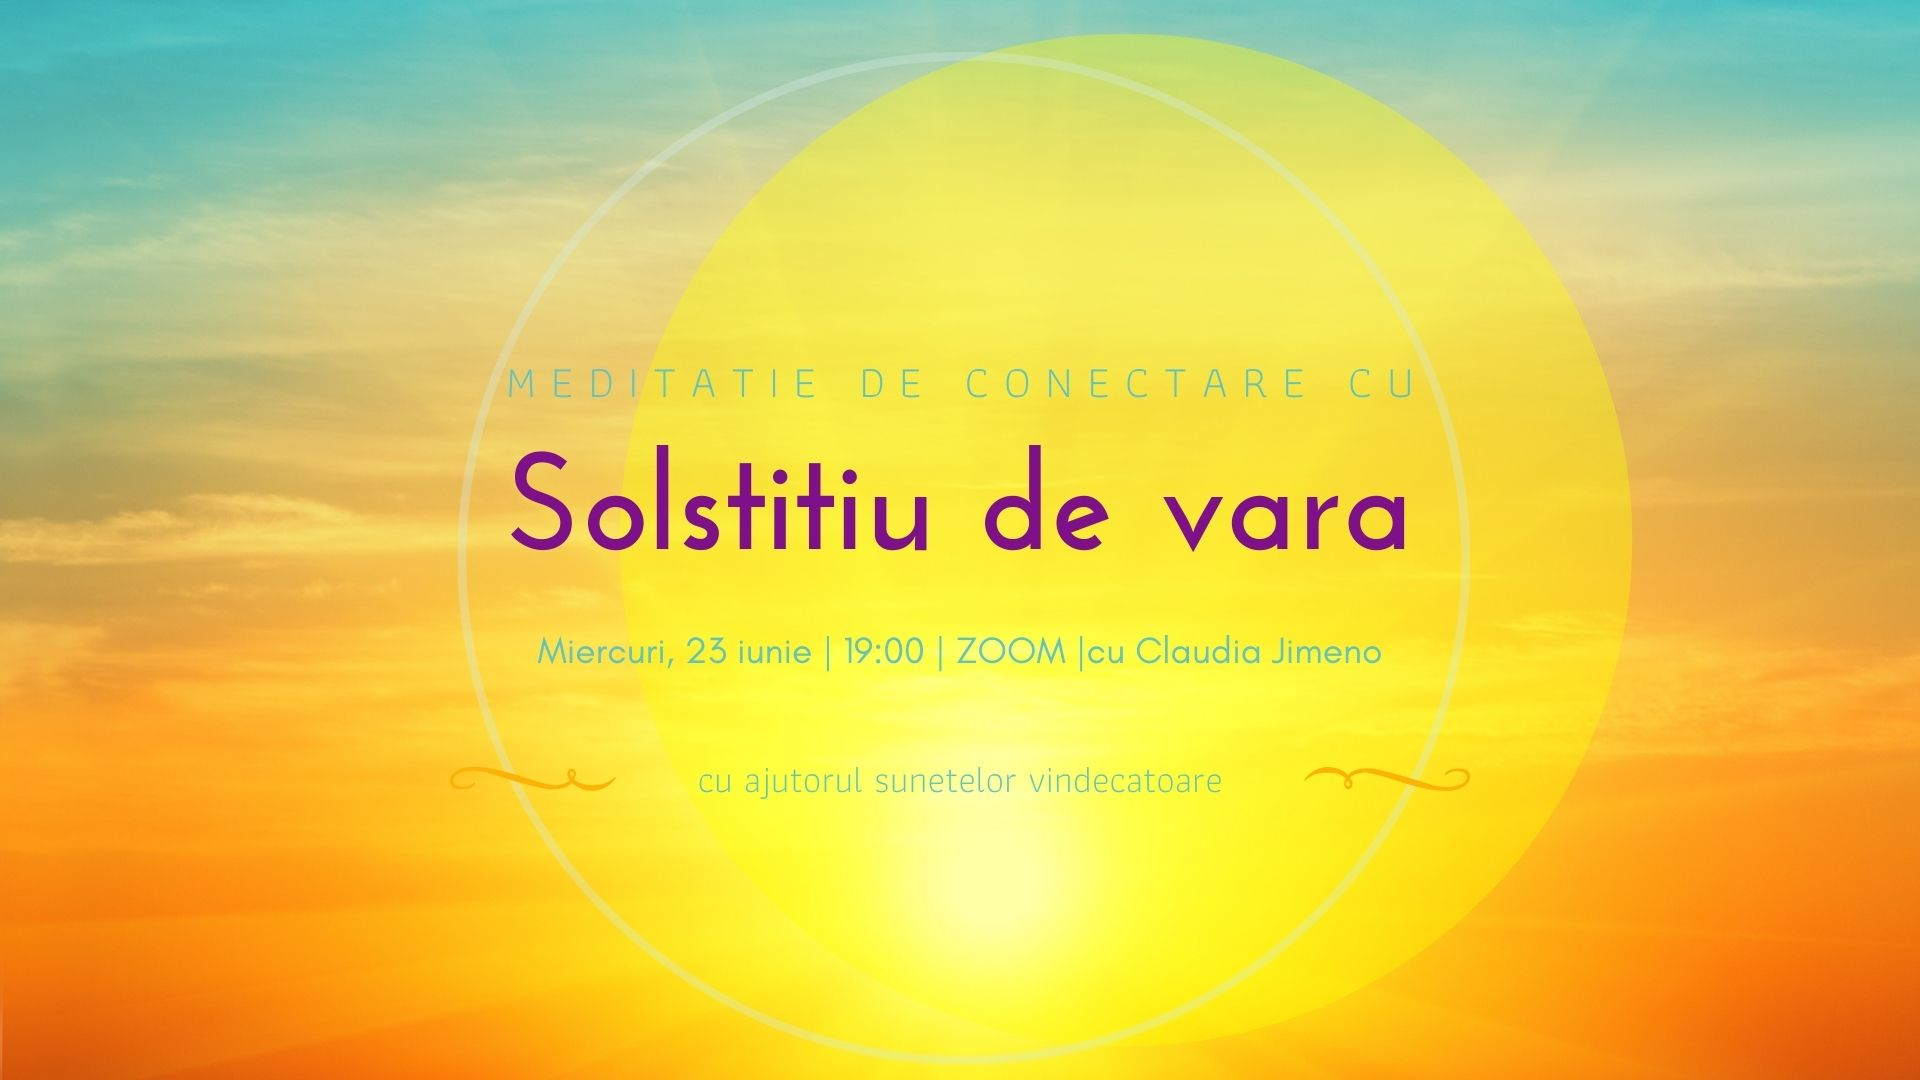 Meditatie cu sunete solstitiu de vara cu Claudia Jimeno